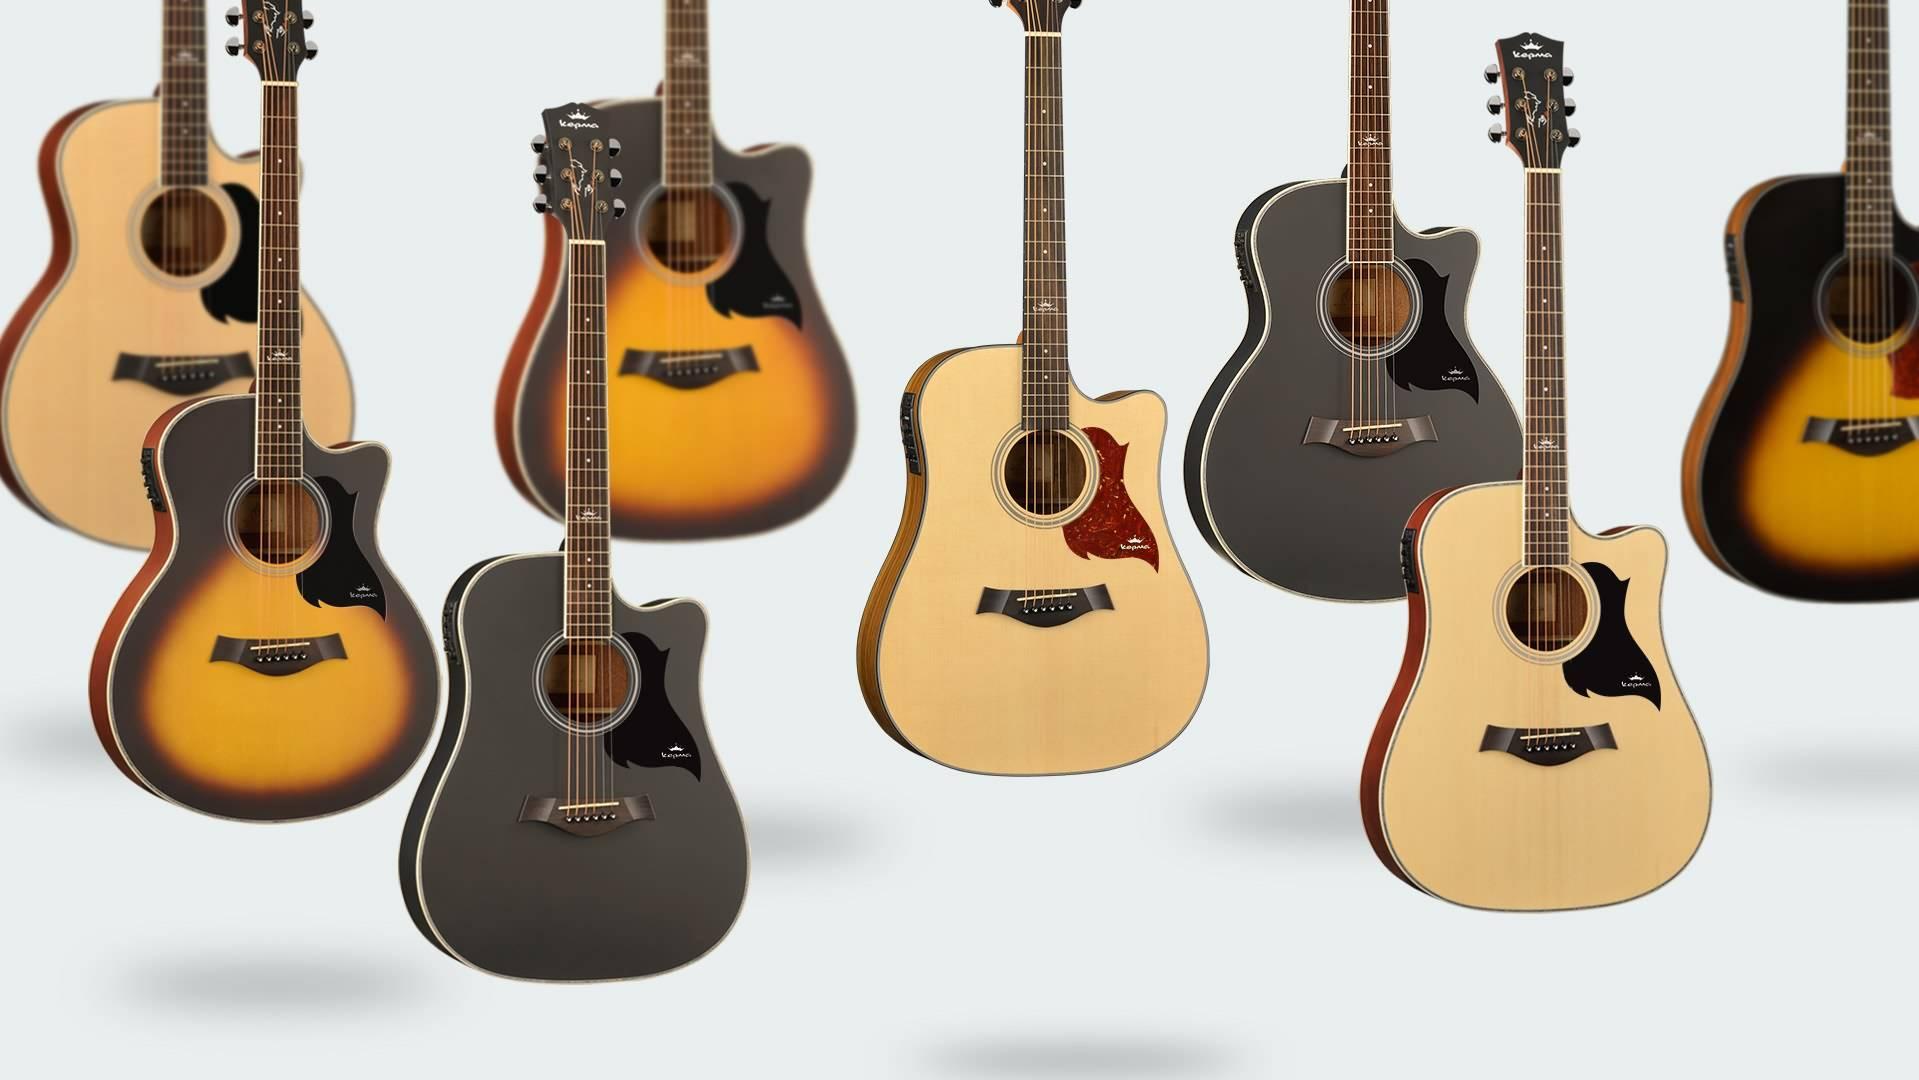 民谣吉他_30寸民谣吉他相关-河南欧乐乐器批发有限公司